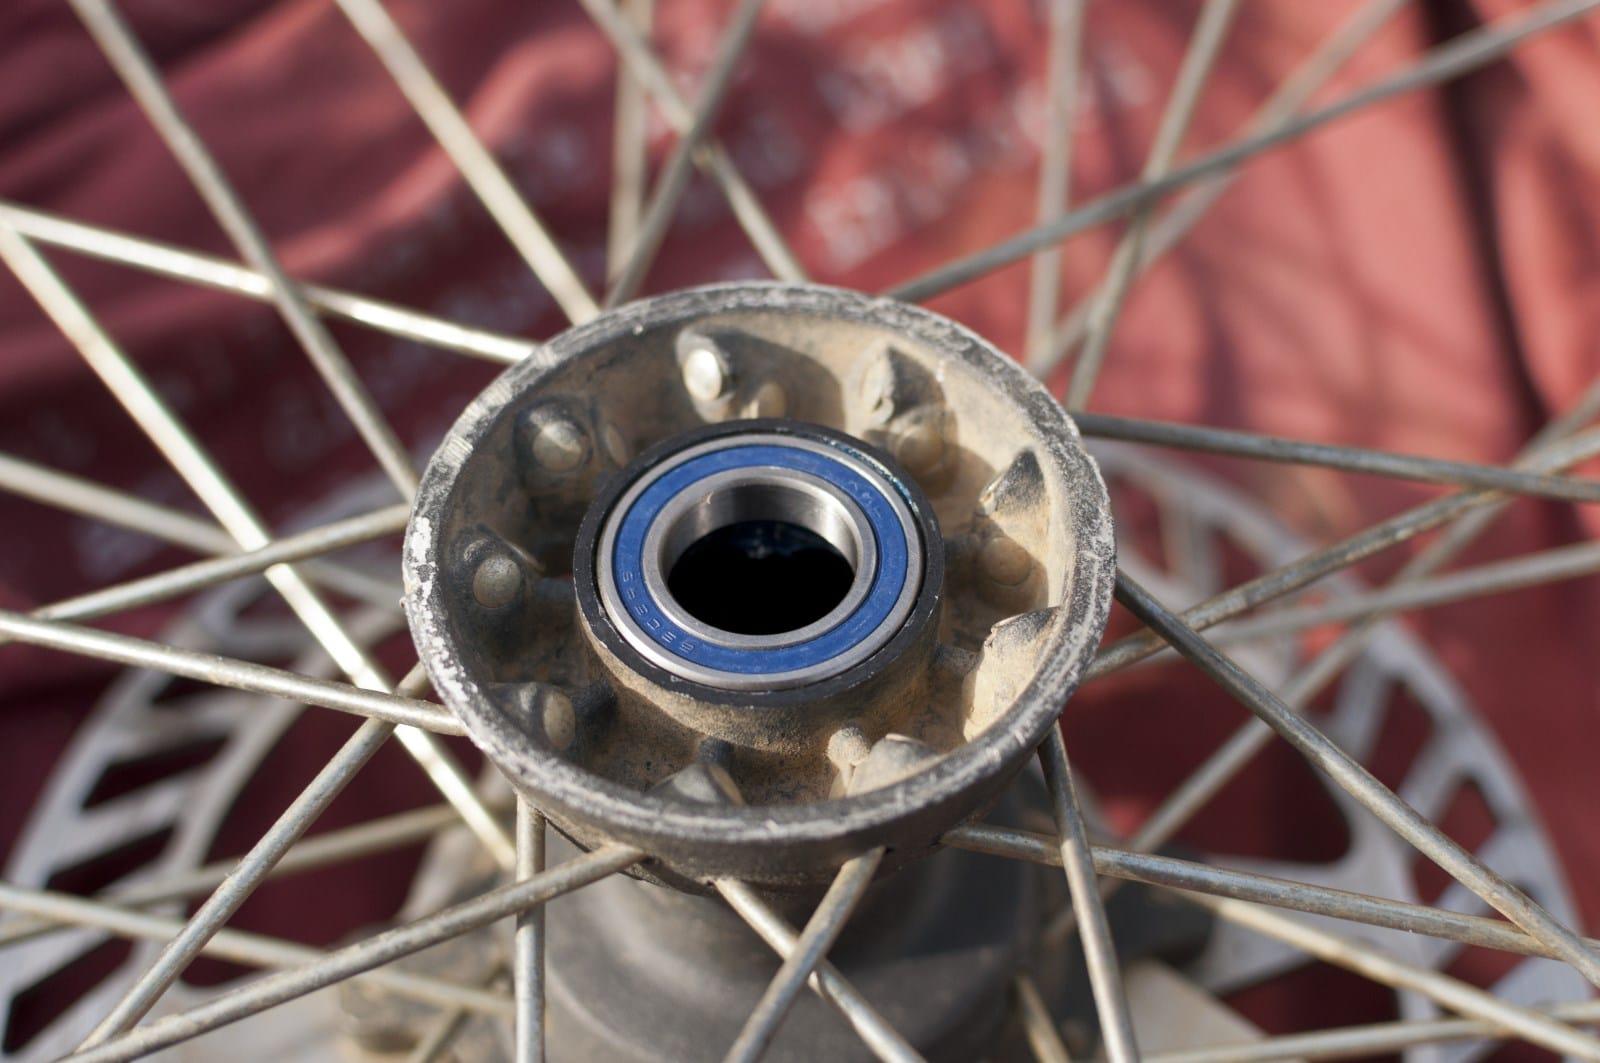 Le nouveau roulement prêt à être insérer dans la portée de la roue